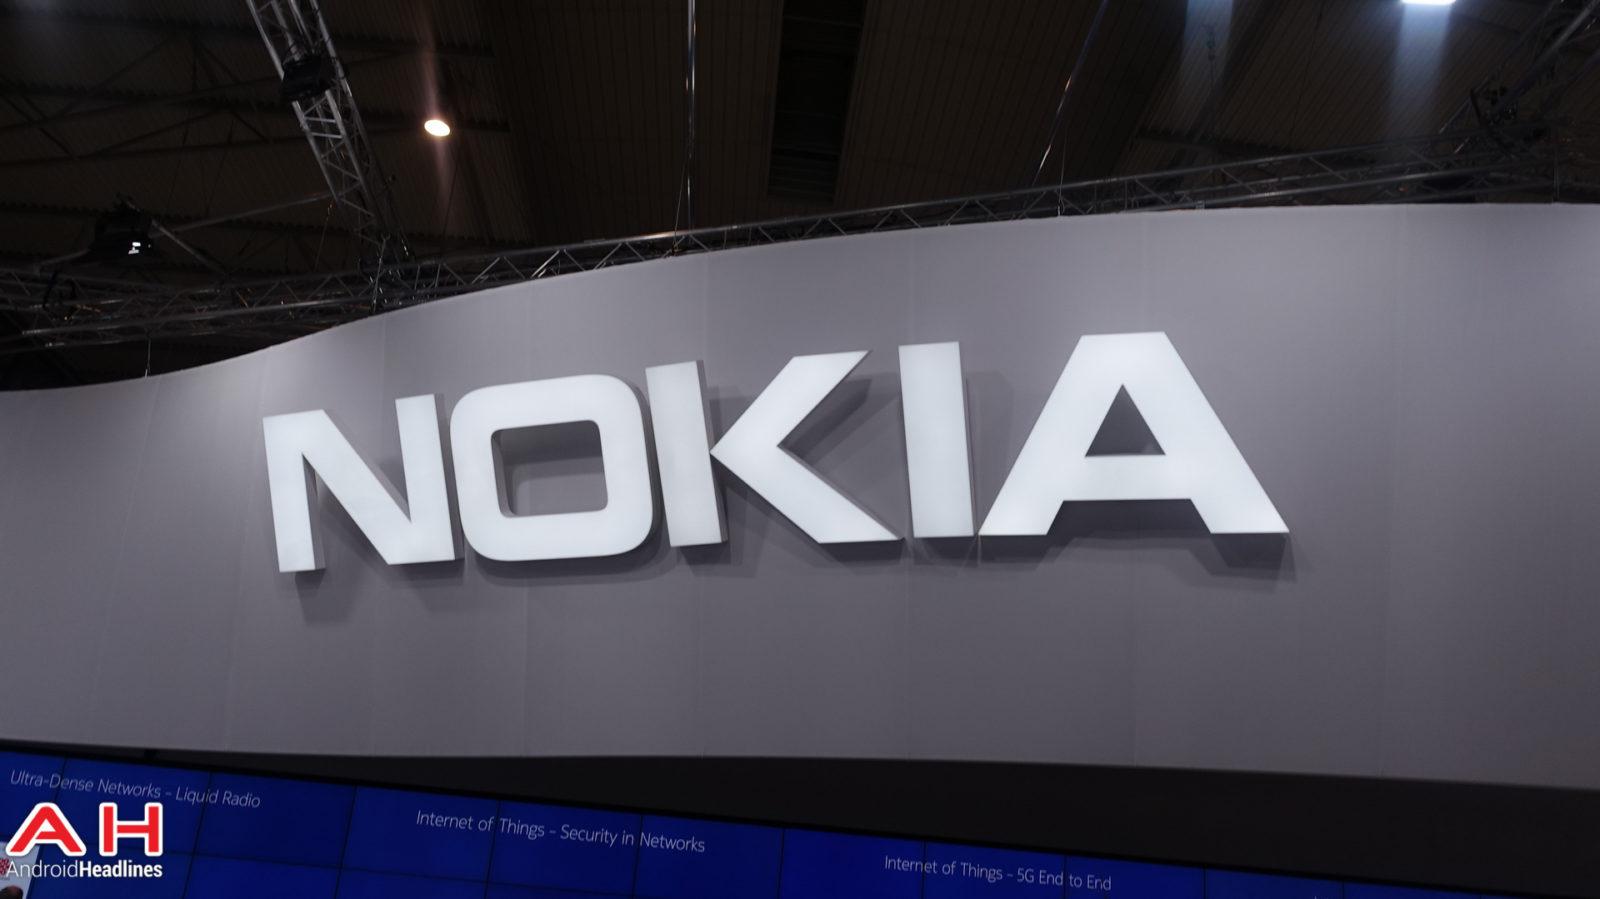 چهار گوشی هوشمند که در سال ۲۰۱۷ تحت عنوان نوکیا عرضه می شوند